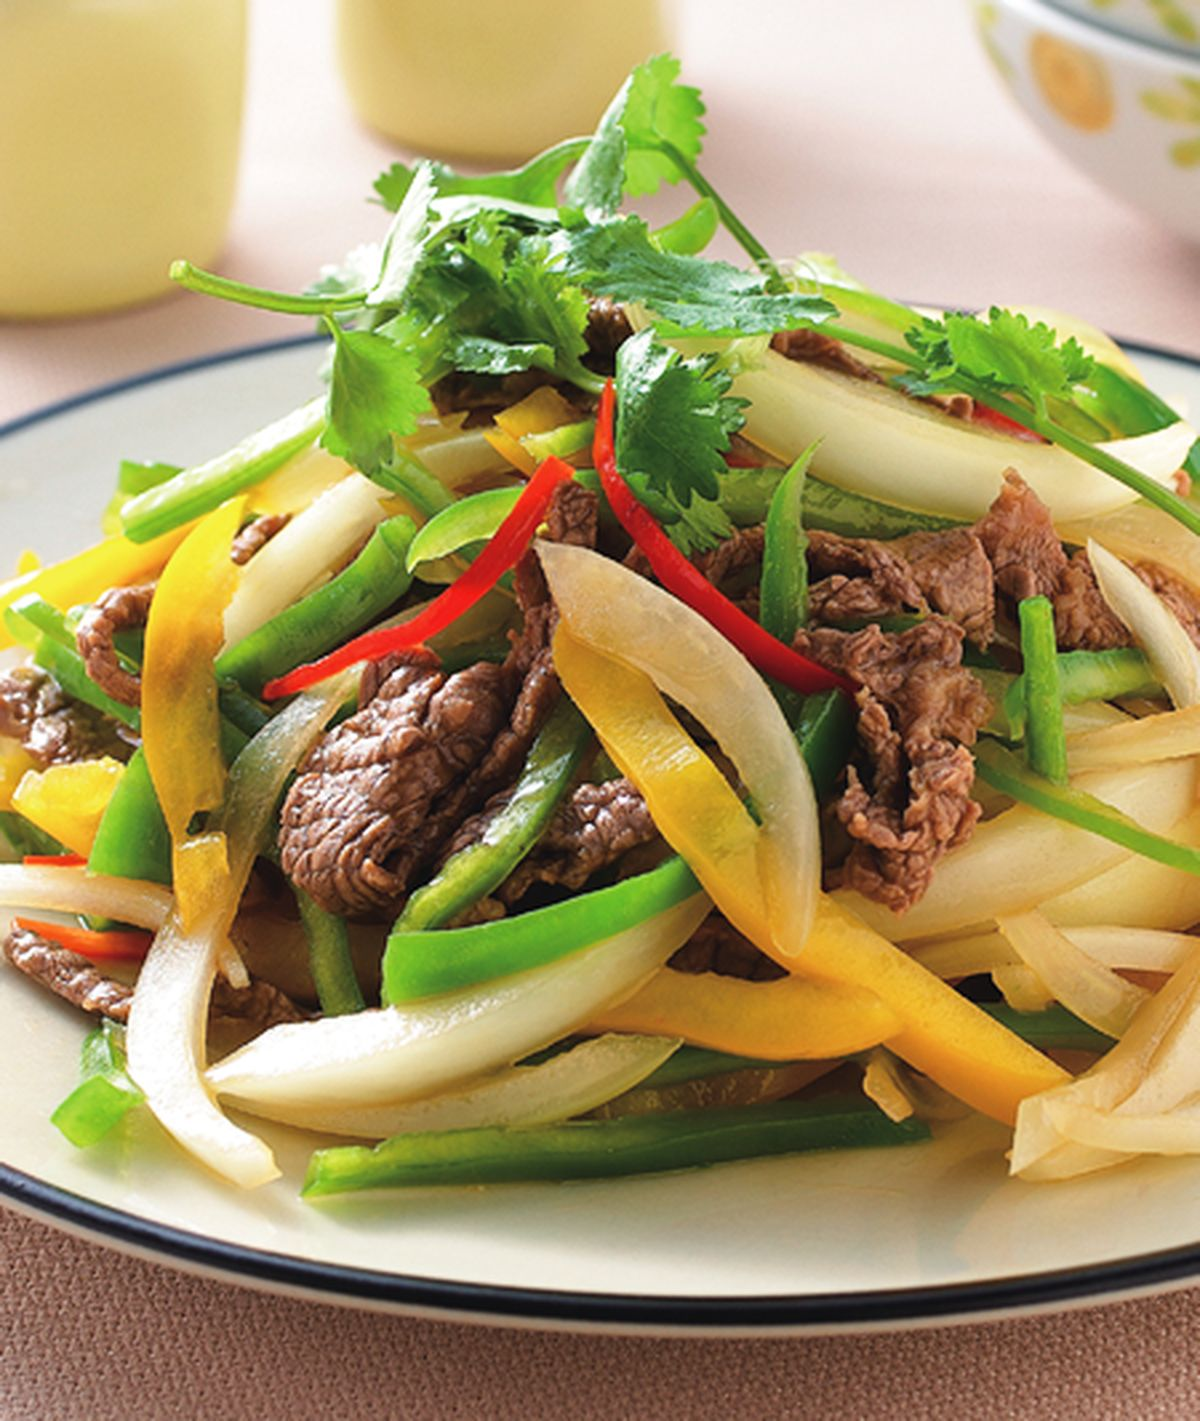 食譜:鮮椒炒牛肉絲